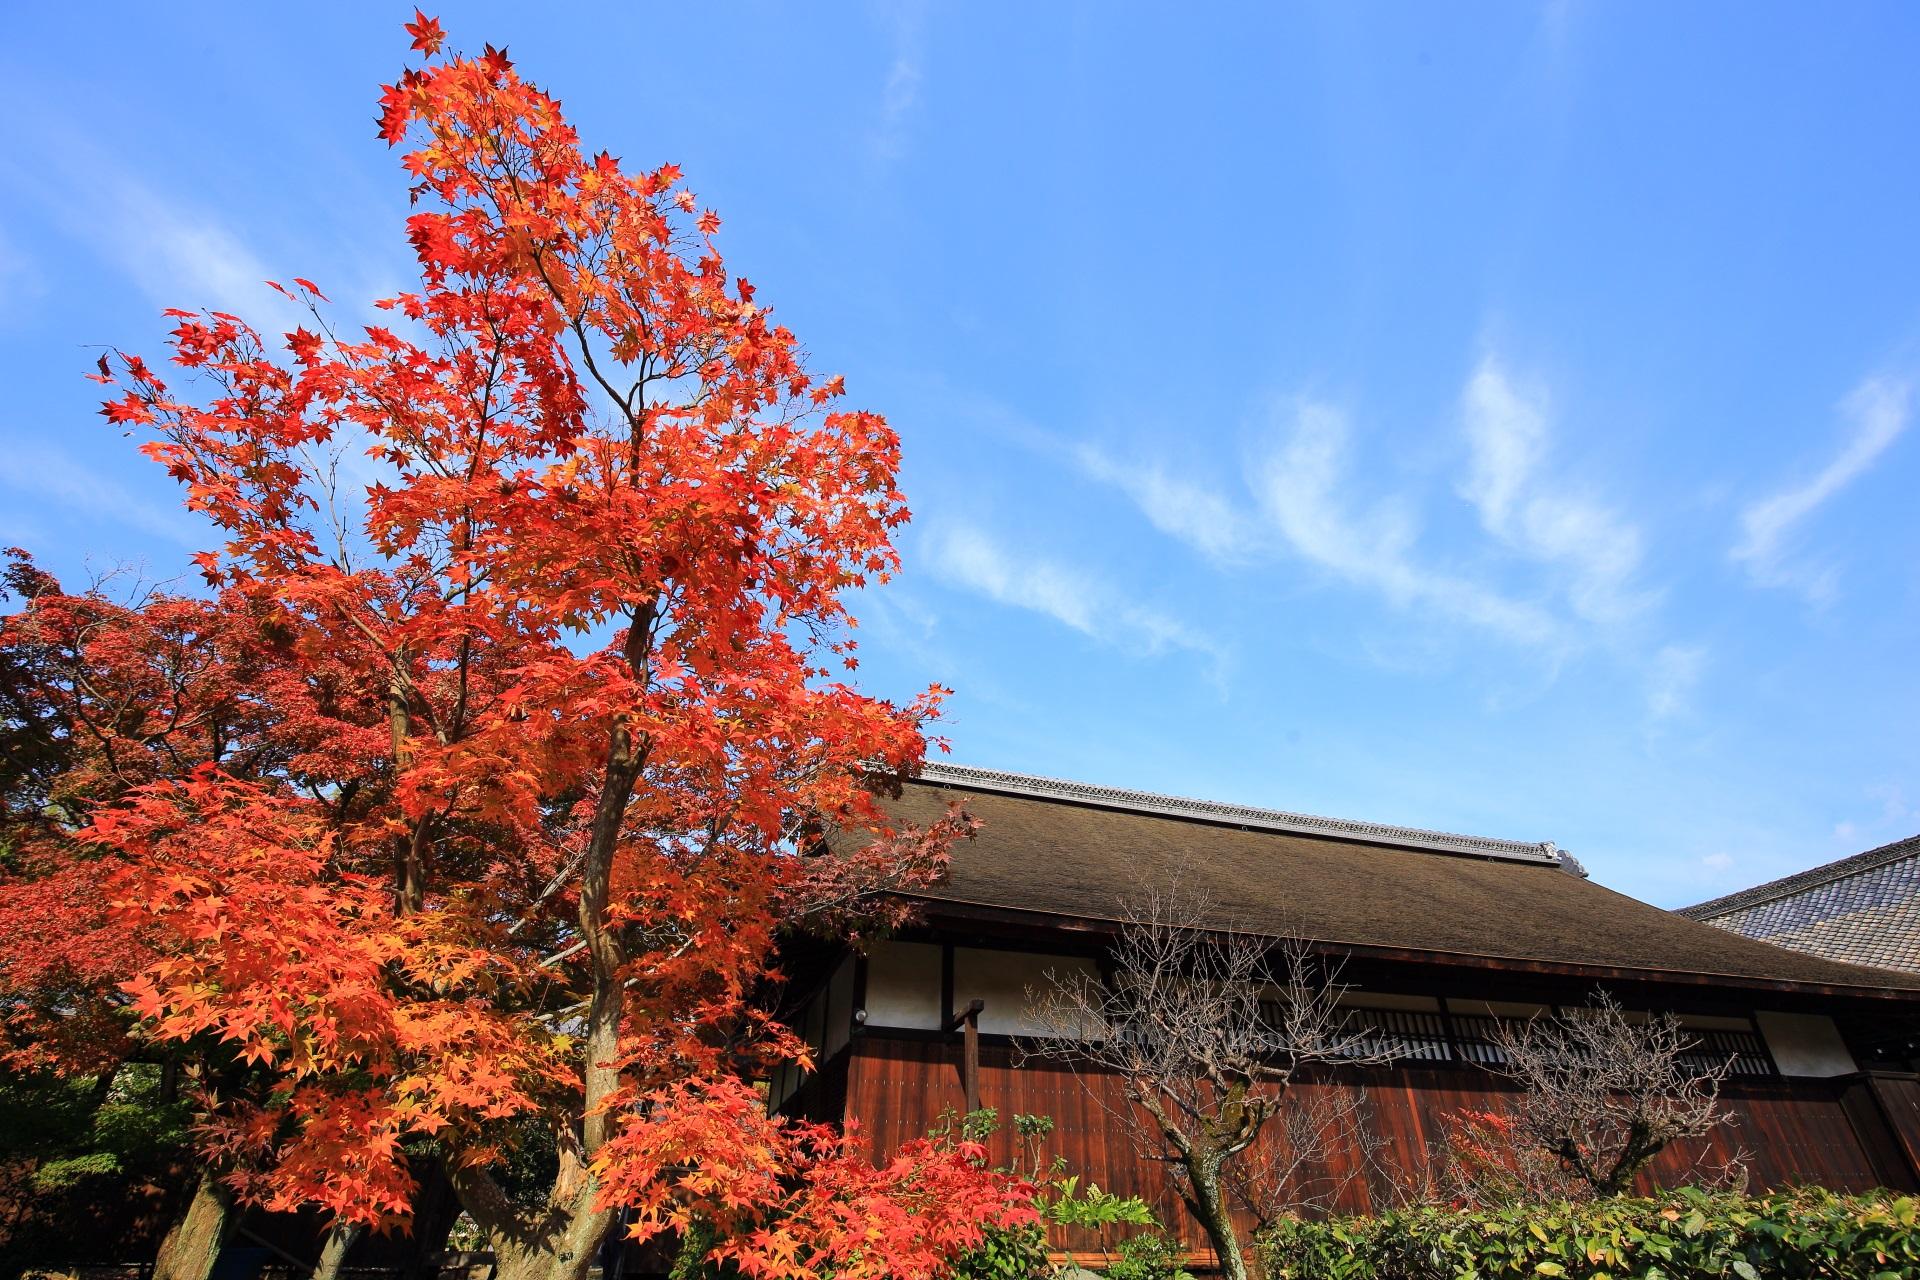 書院前の青空に映える鮮やかな紅葉